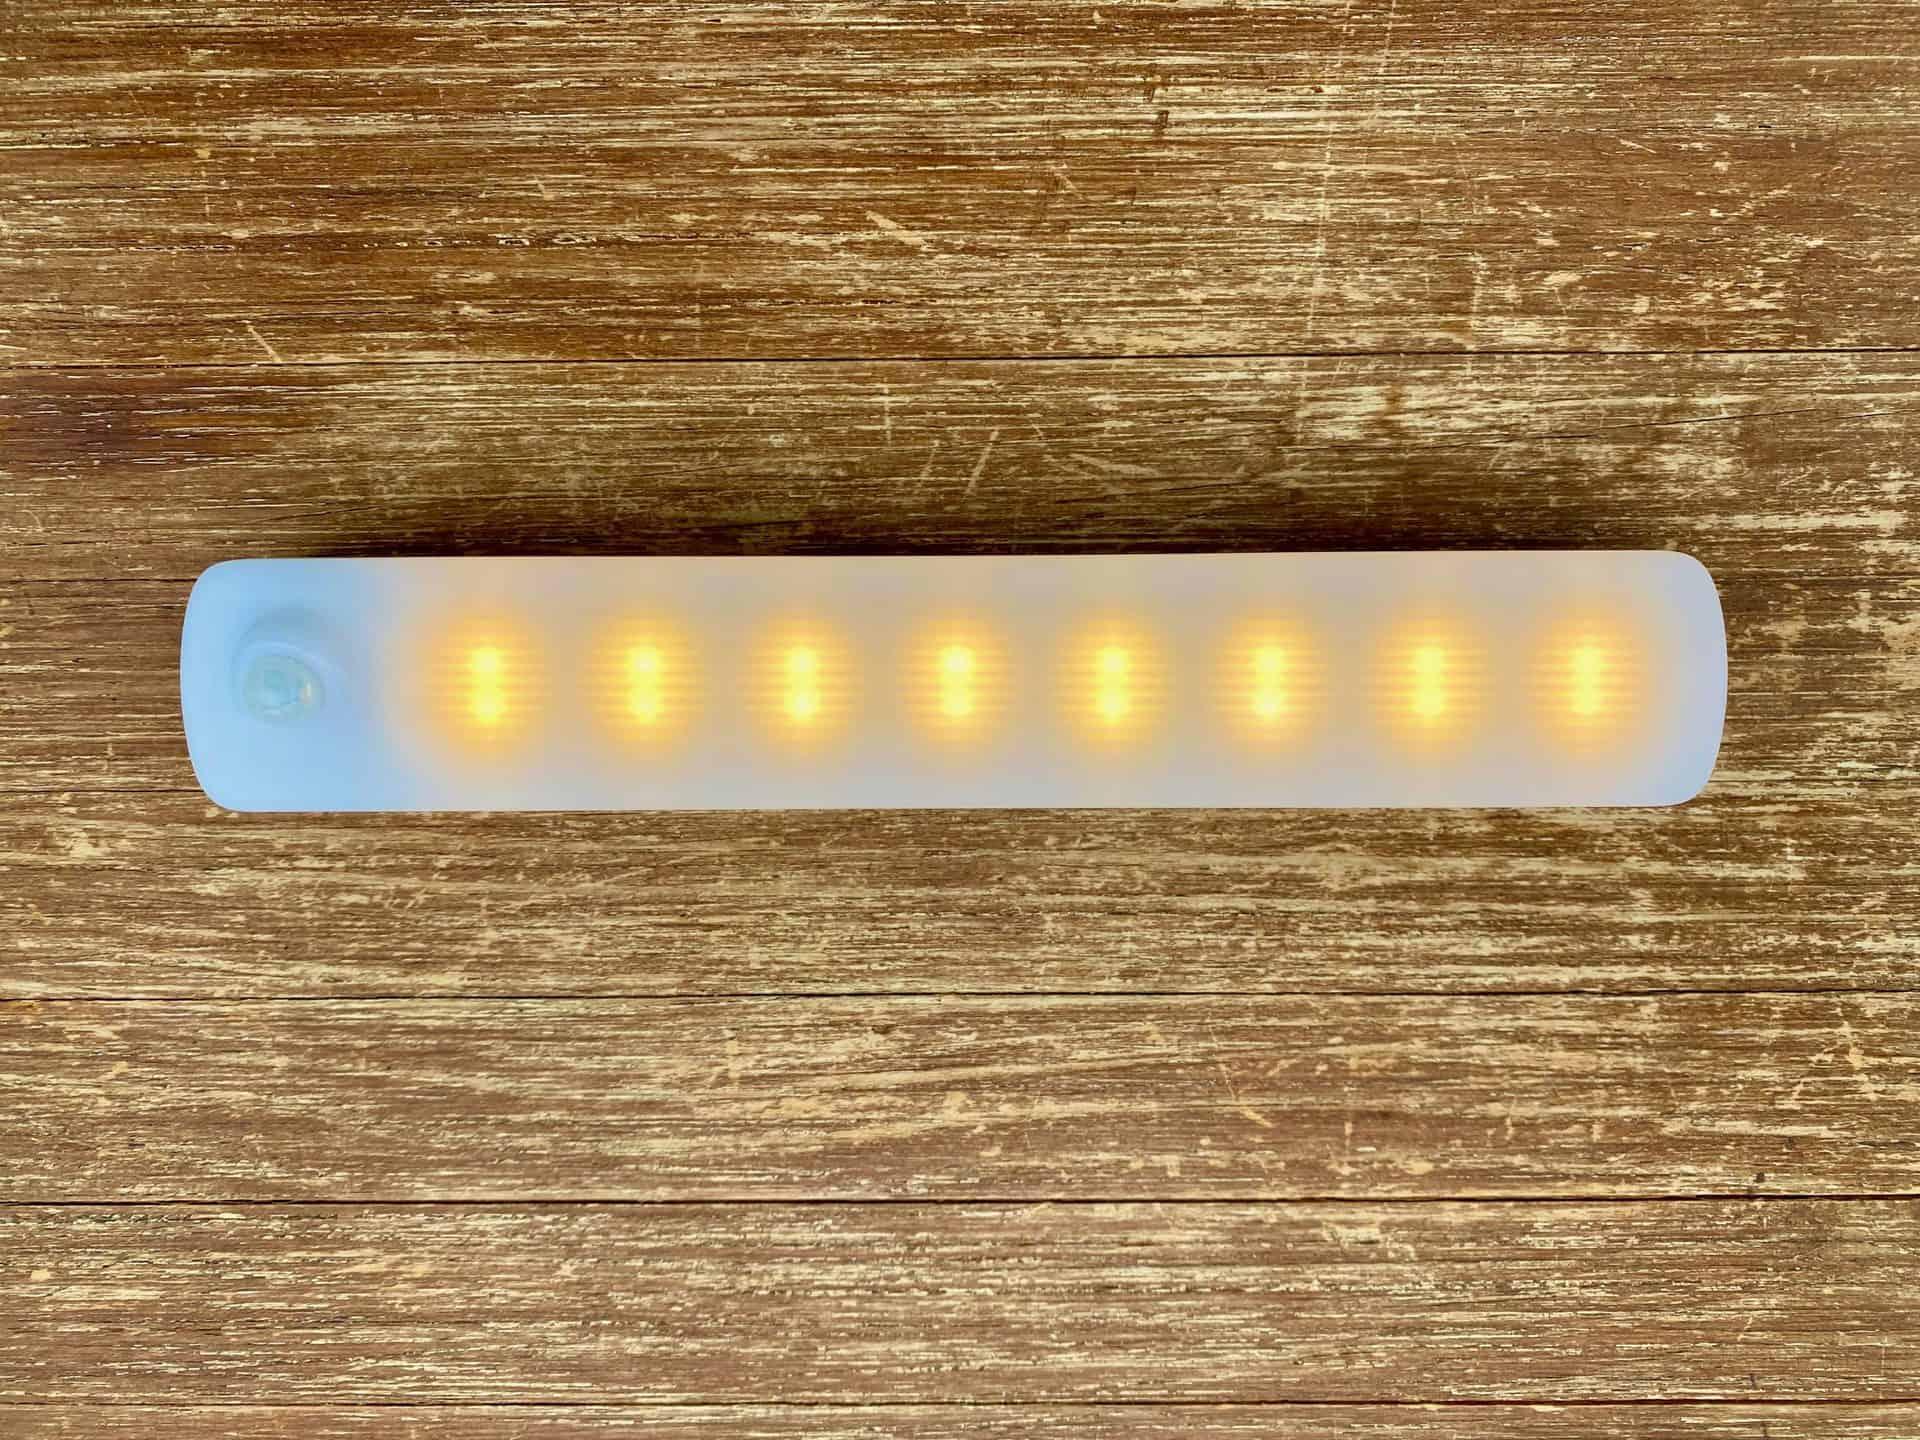 AUVON-wiederaufladbare-Schrank-Beleuchtung-eingeschaltet